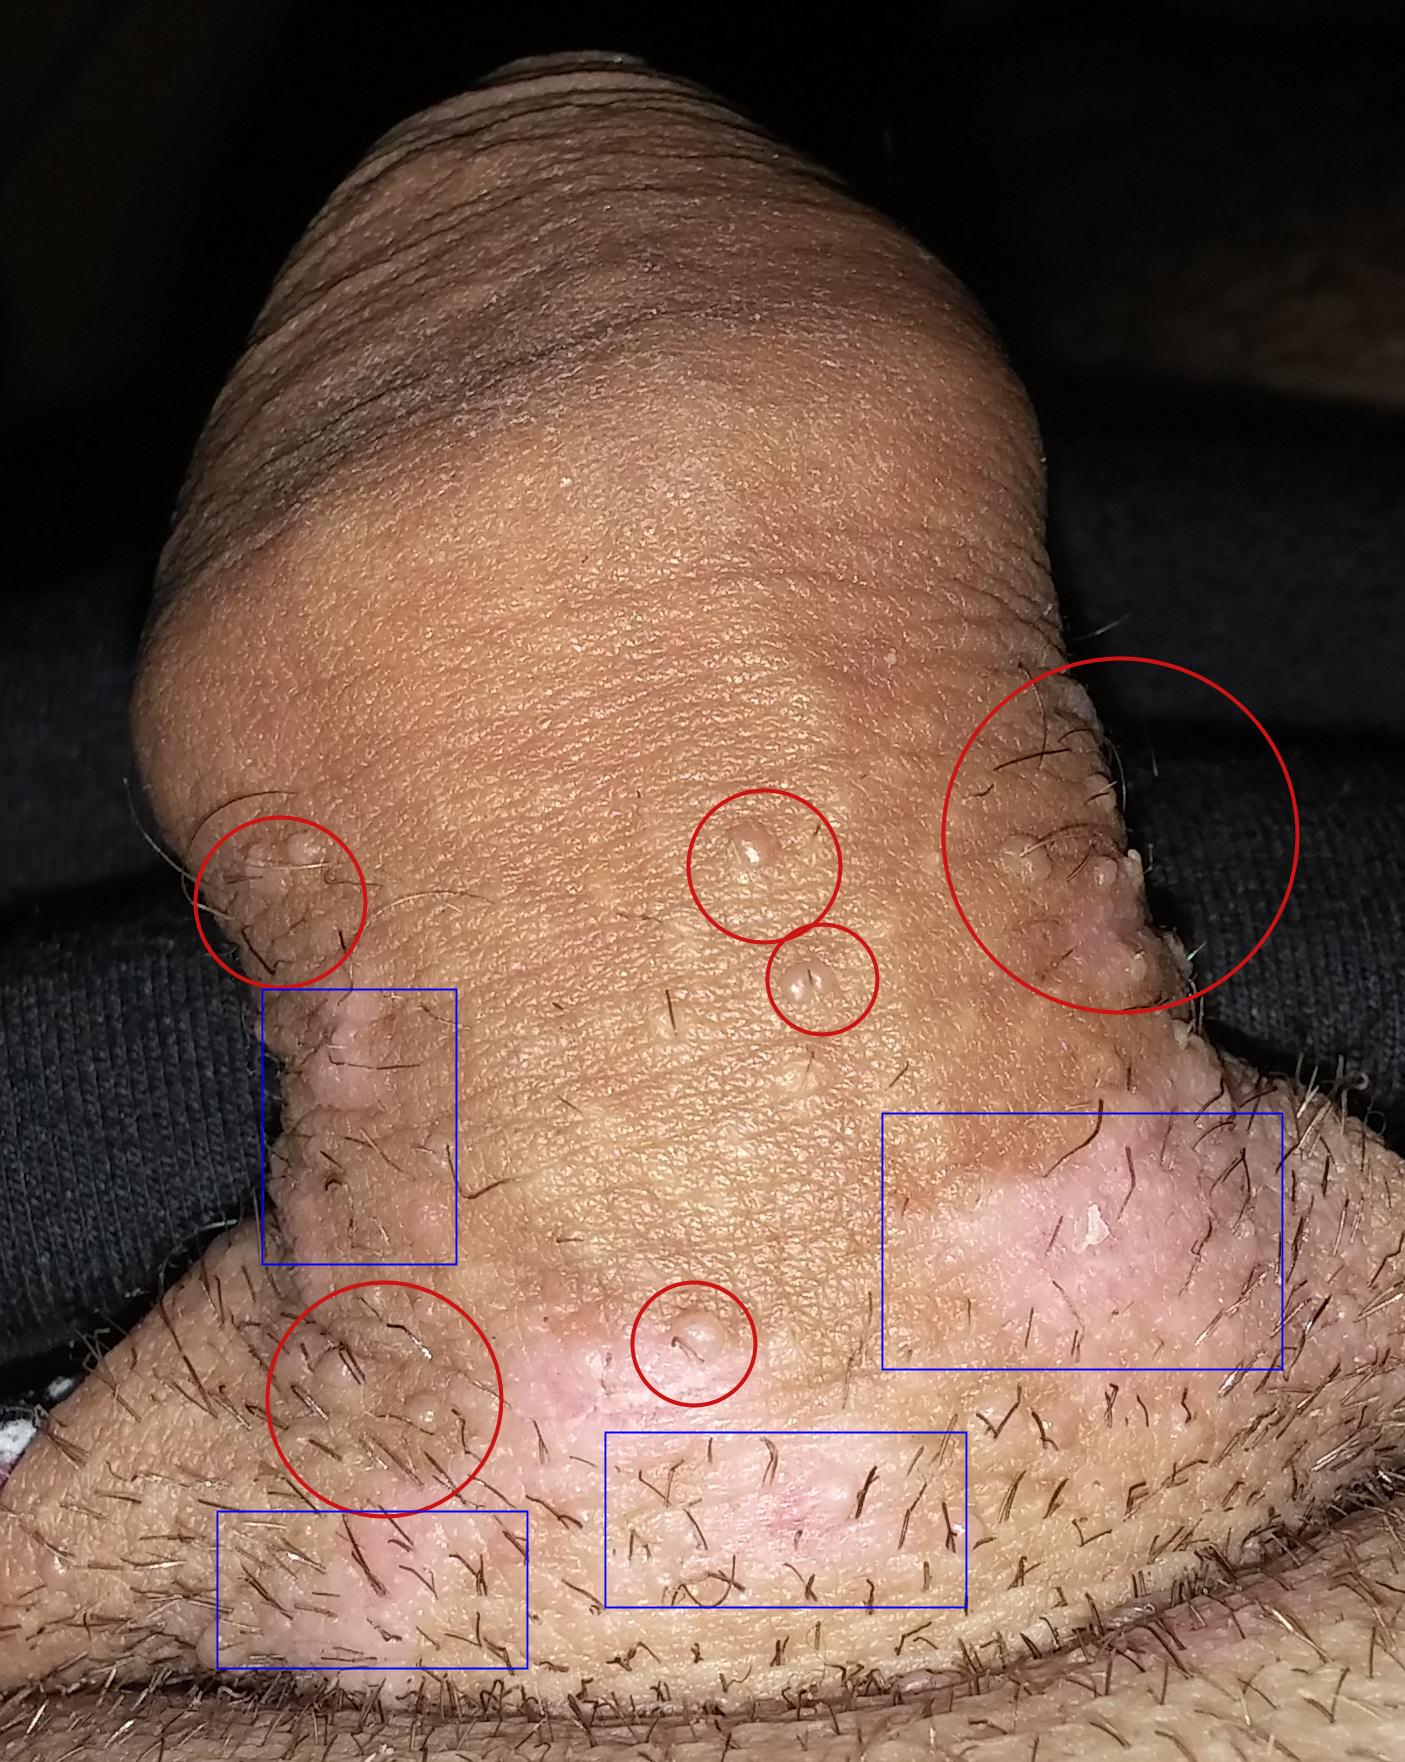 hpv chez lhomme symptomes hpv genital warts male